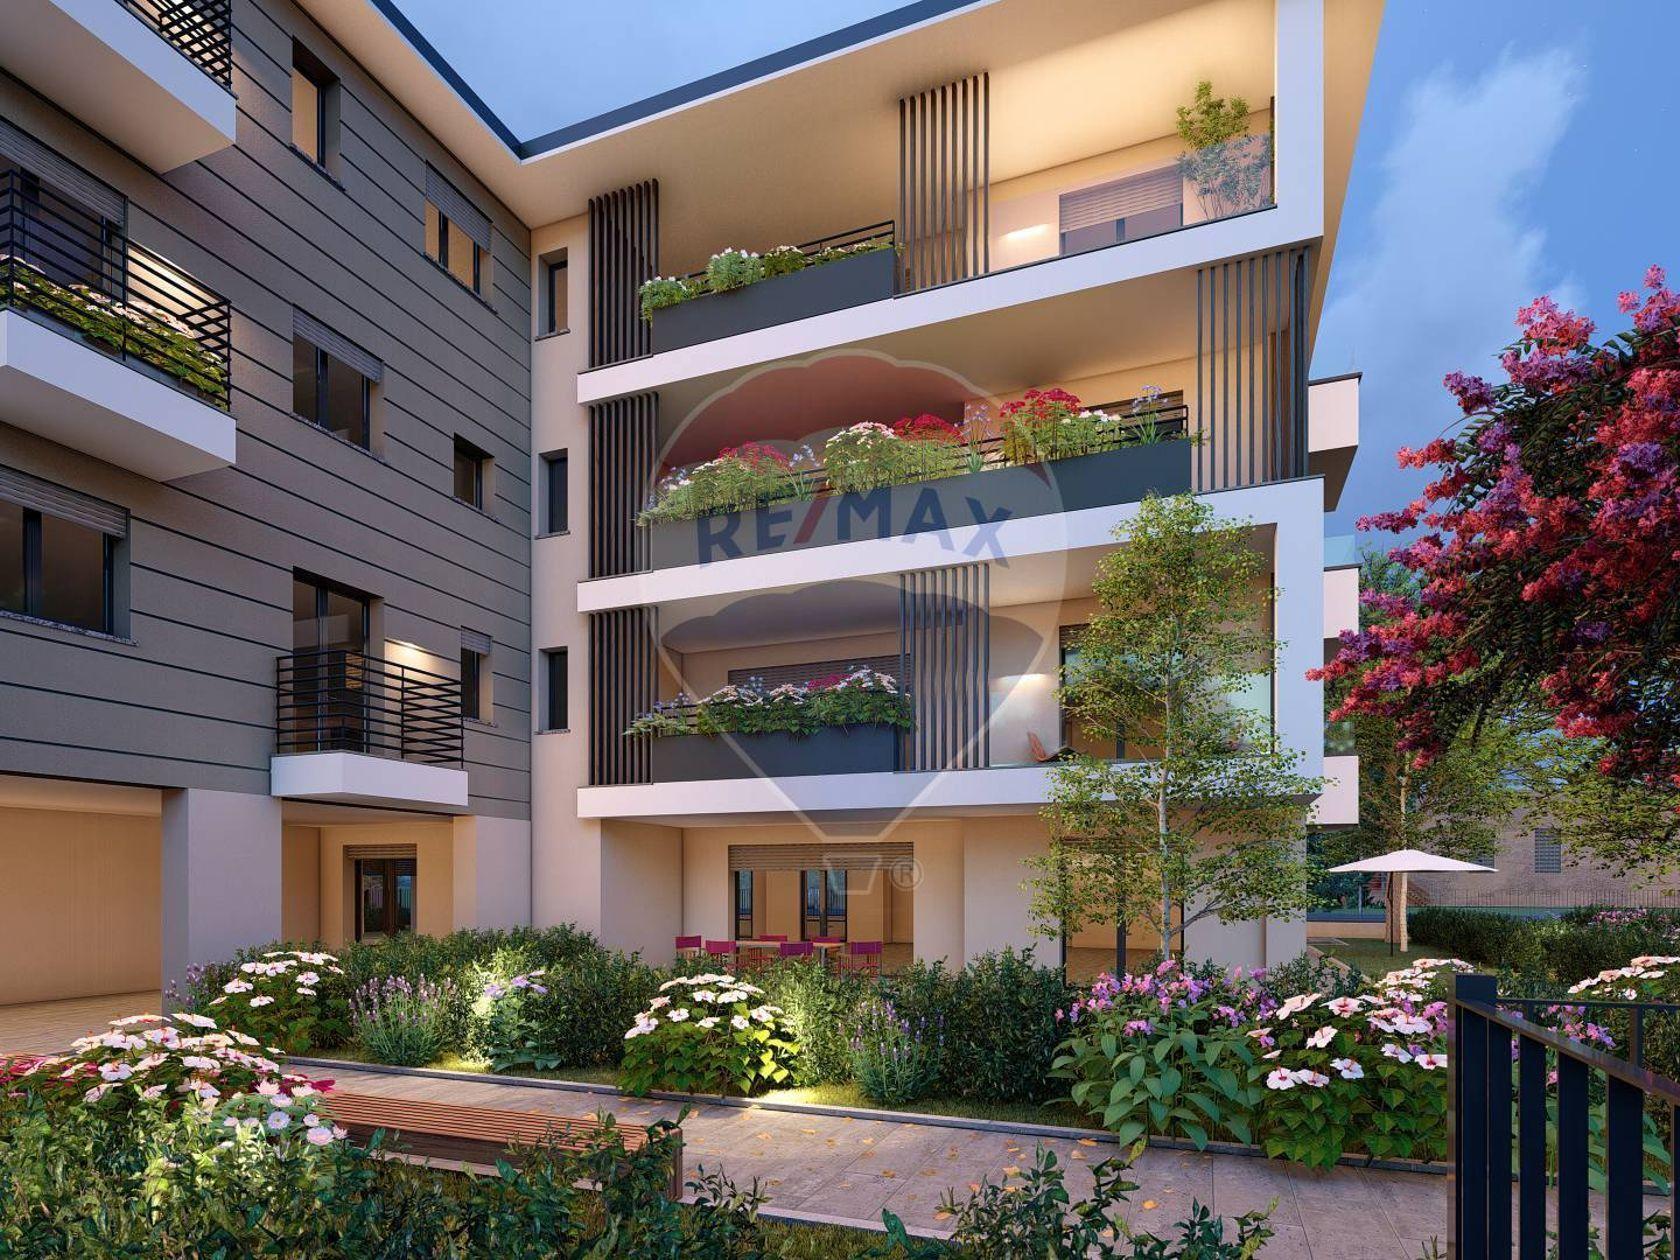 Nuove Costruzioni In Vendita Cernusco Sul Naviglio 31021001